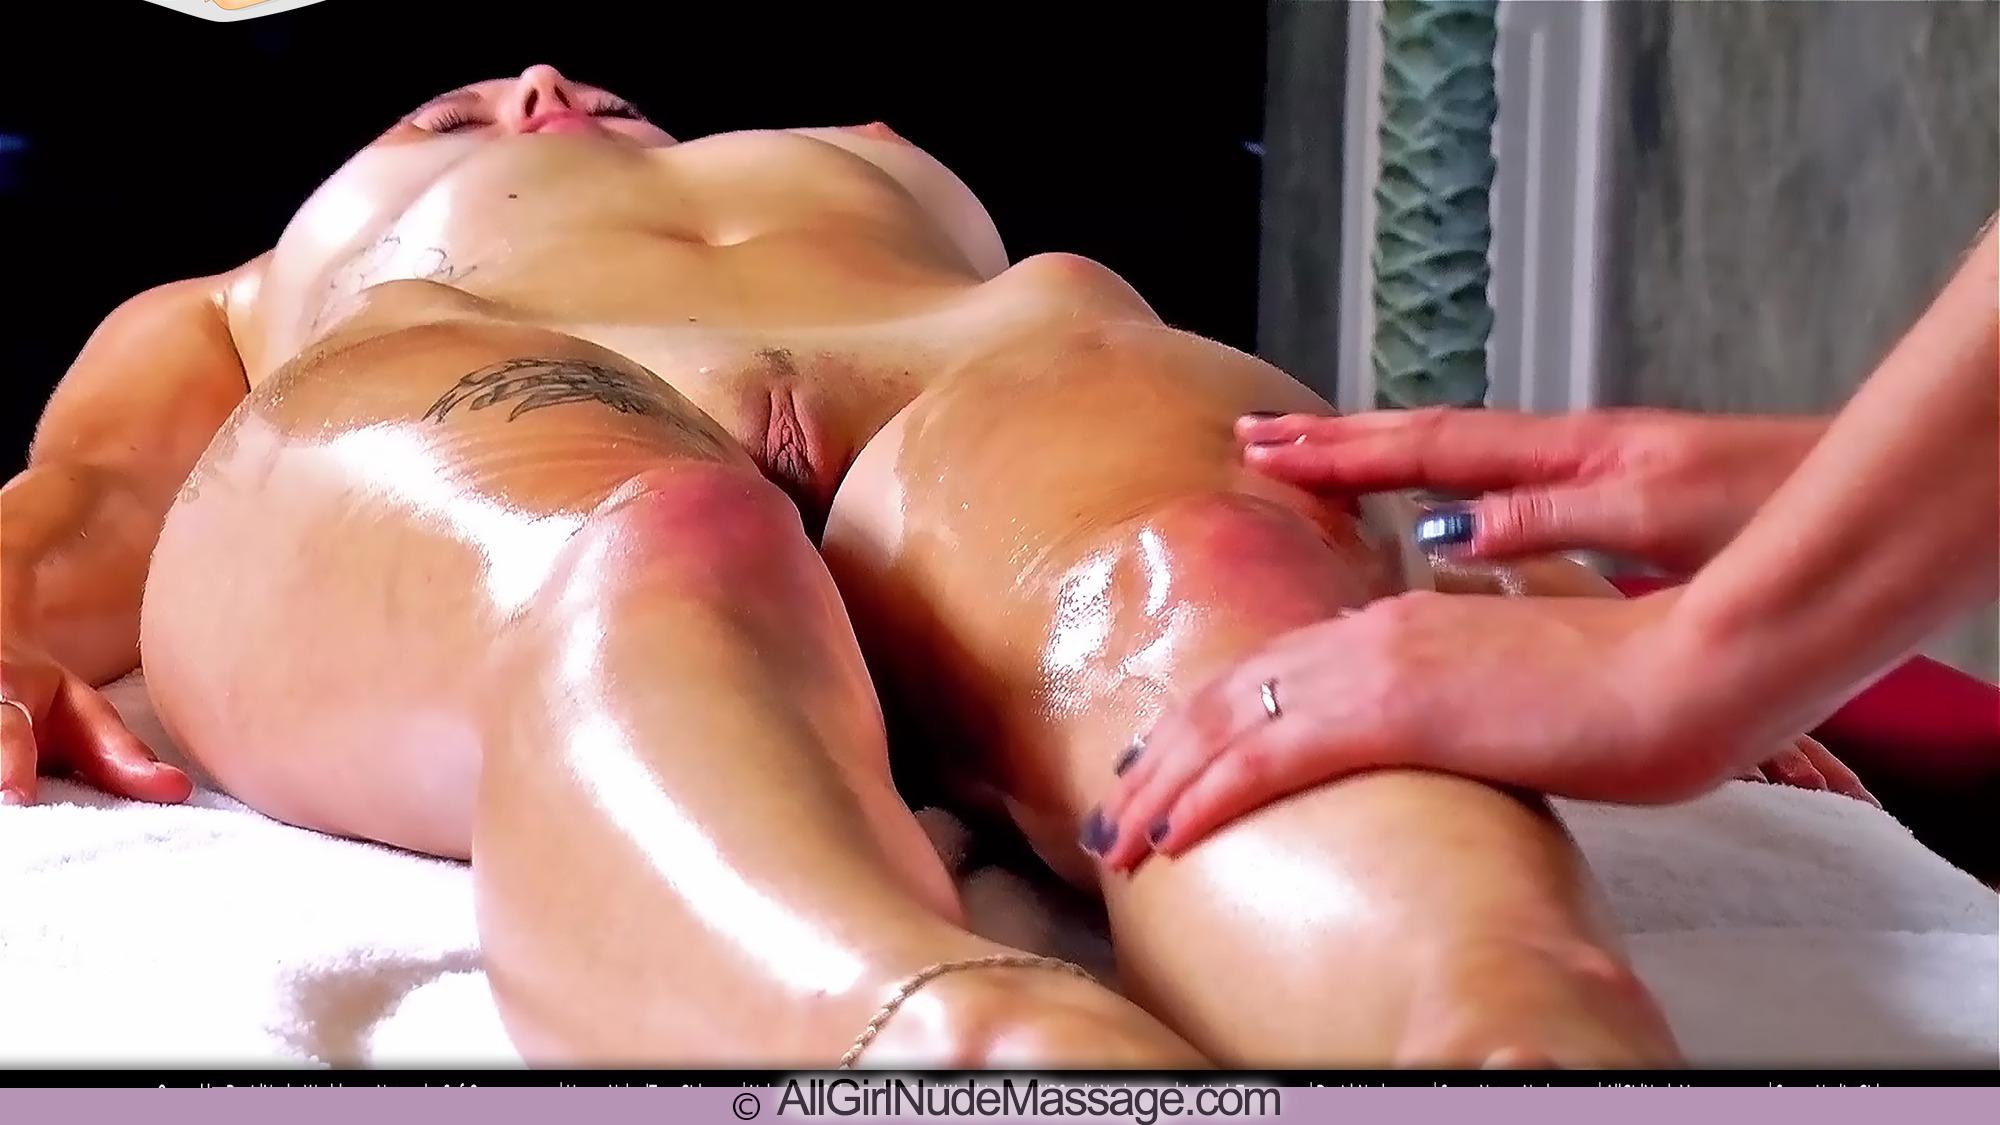 Sex massage images